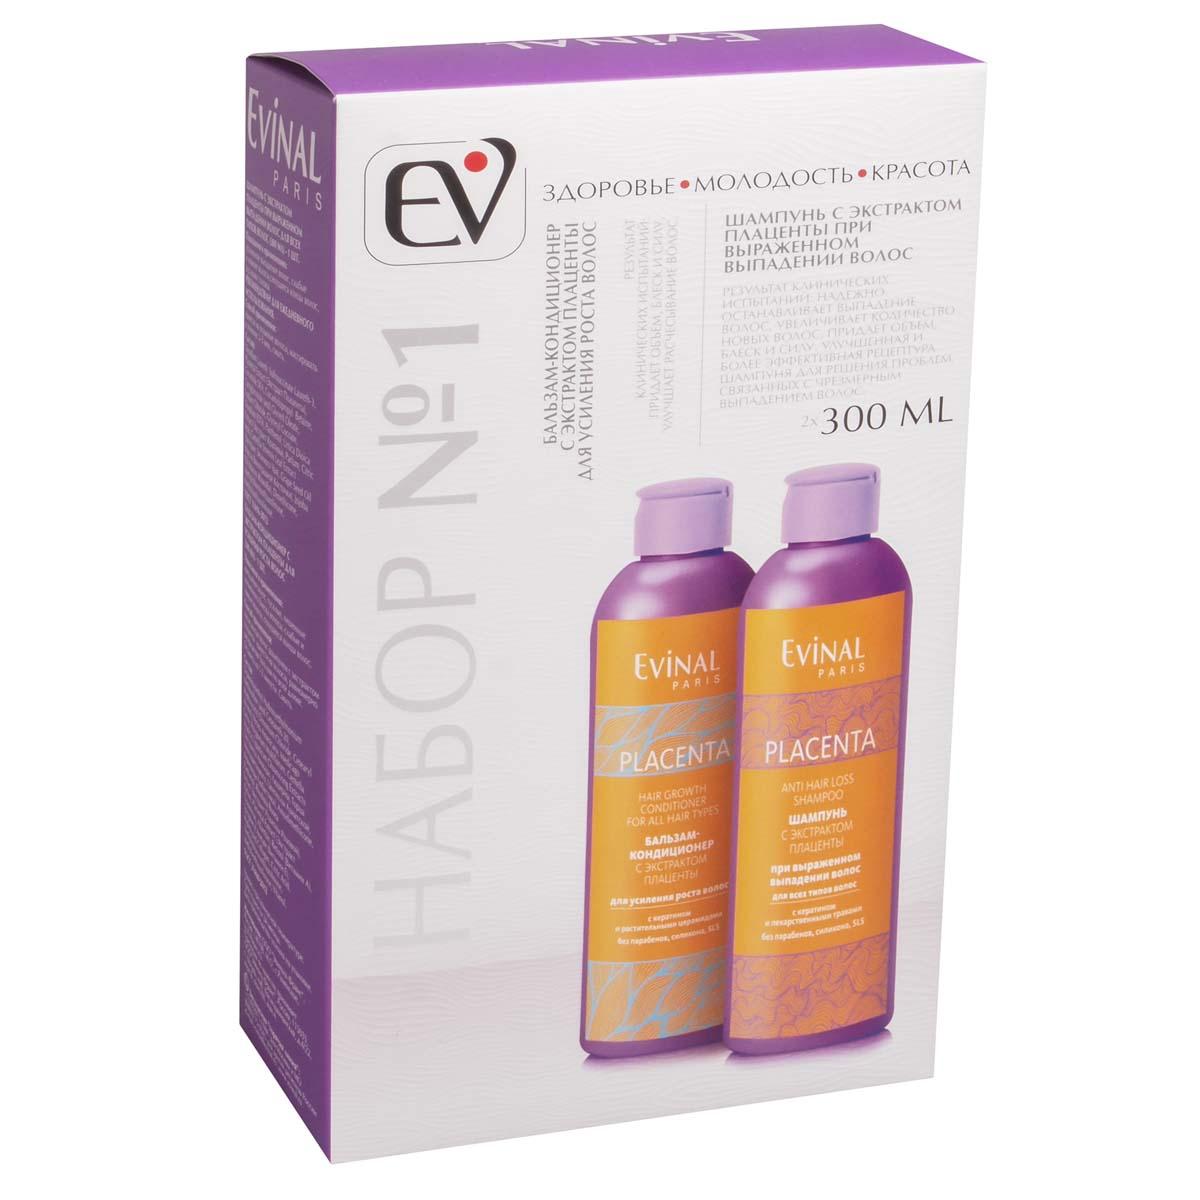 Подарочный набор Evinal №1: Шампунь с экстрактом плаценты при выраженном выпадении волос для всех типов волос, 300мл.+ Бальзам-кондиционер с экстрактом плаценты для усиления роста, 300мл.MP59.4DПодарочный набор №1 (Шампунь с экстрактом плаценты при выраженном выпадении волос для всех типов волос 300мл.+Бальзам-кондиционер с экстрактом плаценты для усиления роста 300мл. ) в коробке. Состоит из: шампуня с экстрактом плаценты при выраженном выпадении волос для всех типов волос и бальзама-кондиционера с экстрактом плаценты для усиления роста волос. ШАМПУНЬ С ЭКСТРАКТОМ ПЛАЦЕНТЫ ПРИ ВЫРАЖЕННОМ ВЫПАДЕНИИ ВОЛОС. ДЛЯ ВСЕХ ТИПОВ ВОЛОС -Улучшенная и более эффективная рецептура шампуня для решения проблем, связанных с чрезмерным выпадением волос.Показания к применению: выраженное выпадение волос, медленный рост волос, слабые и ломкие волосы, секущиеся концы волос.Результат клинических испытаний: надежно останавливает выпадение волос, увеличивает количество новых растущих волос, придает объем блеск и силуРекомендован для ежедневного использования. КОНДИЦИОНЕР С ЭКСТРАКТОМ ПЛАЦЕНТЫ ДЛЯ УСИЛЕНИЯ РОСТА ВОЛОС-Показания к применению: усиленное выпадение волос, тусклые лишенные жизненного блеска волосы, слабые и ломкие волосы, секущиеся концы.Результат клинических испытаний: Надежно останавливает выпадение волос, увеличивает количество новых растущих волос, придает объем, блеск и силу, улучшает расчесывание волос. Рекомендован для ежедневного использования. Максимальный эффект достигается при совместном использовании шампуня и бальзама на плаценте в течение 60 дней. Срок годности 24 месяца.